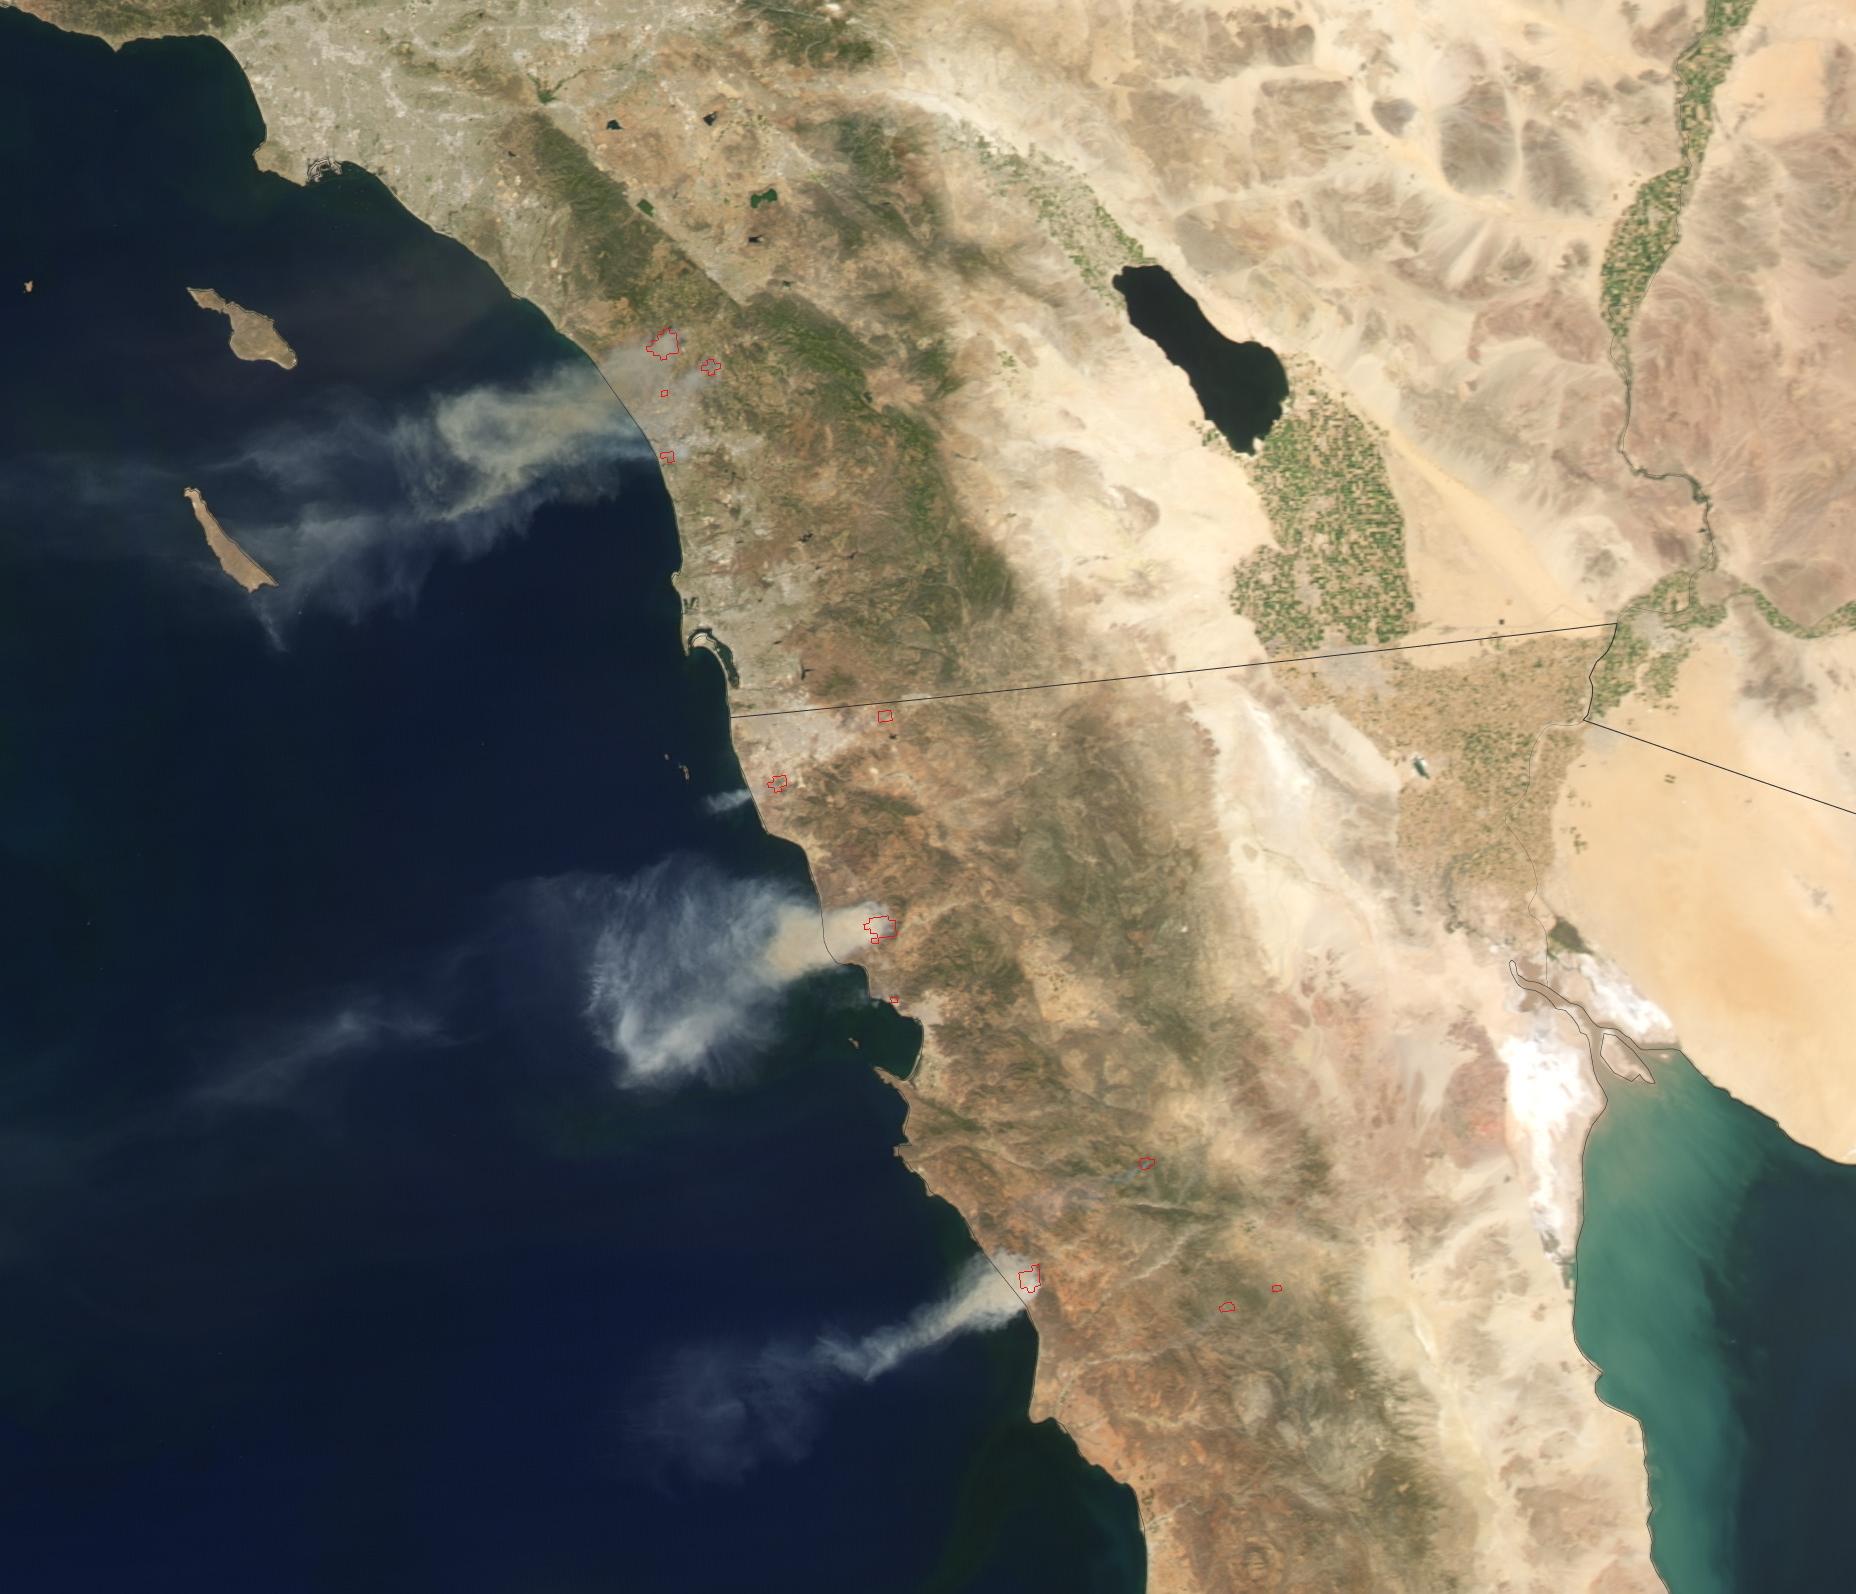 May_2014_California_Wildfires_close-up.j